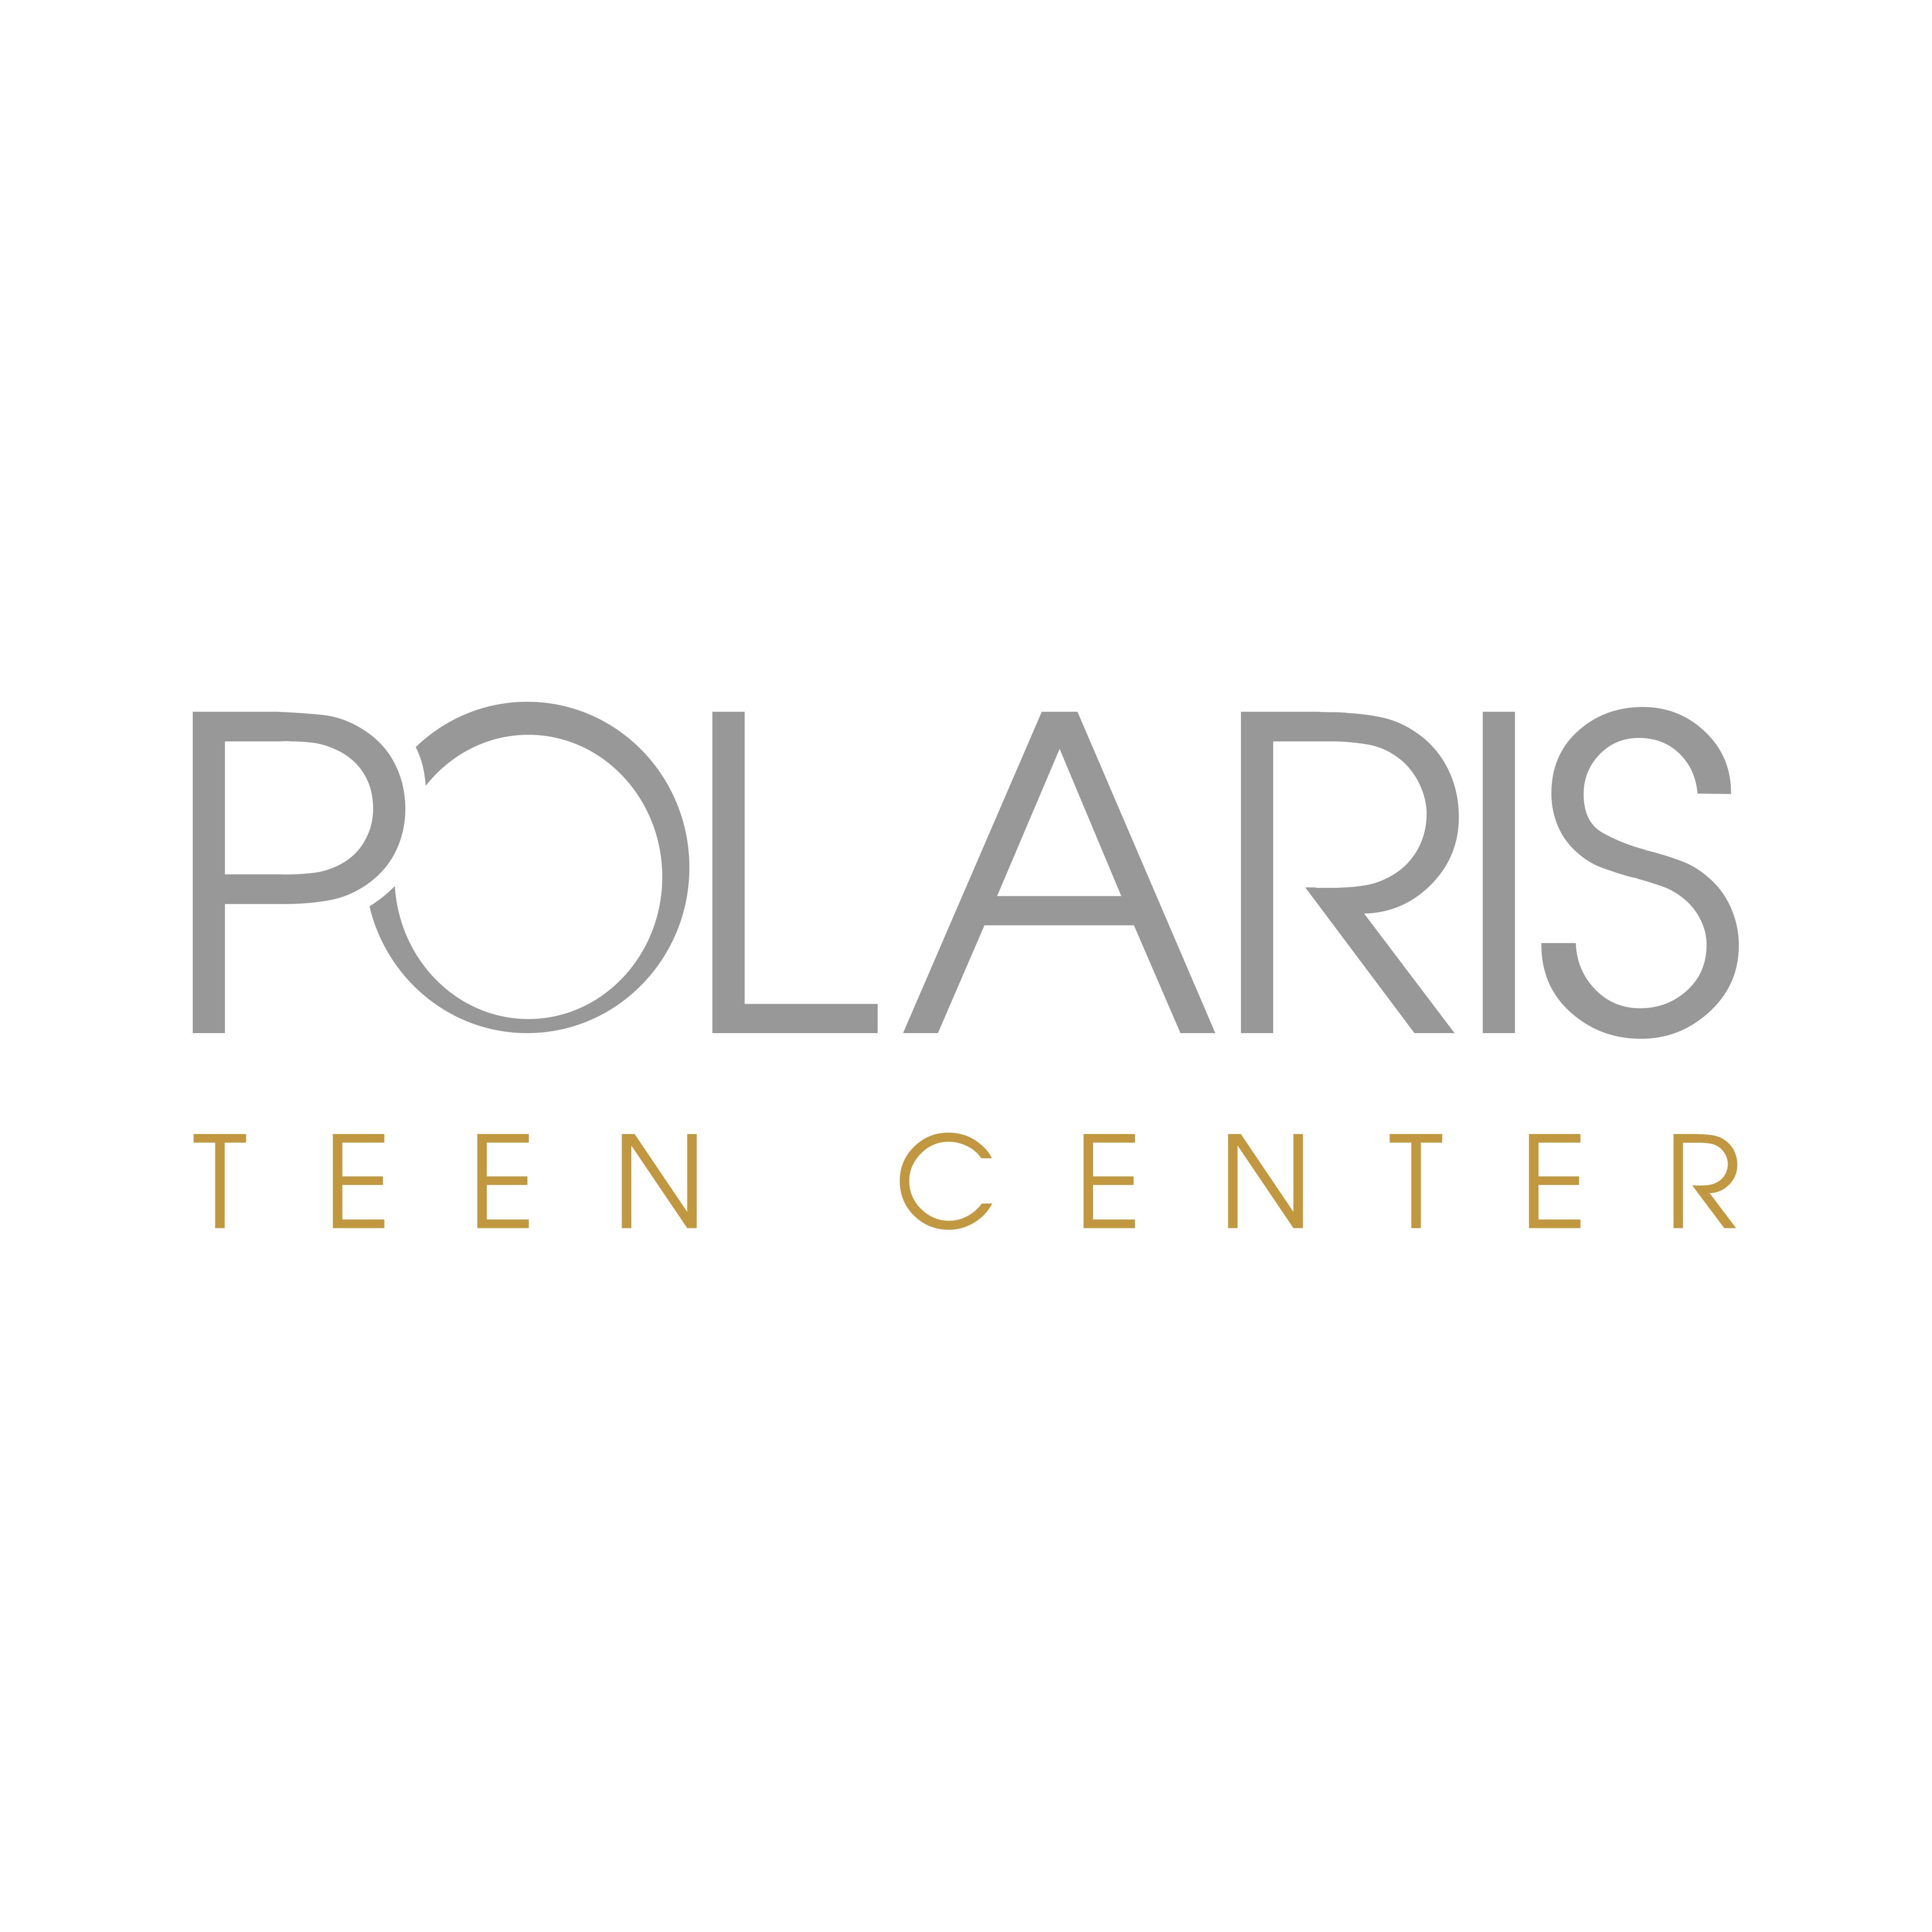 Polaris Teen Center logo.